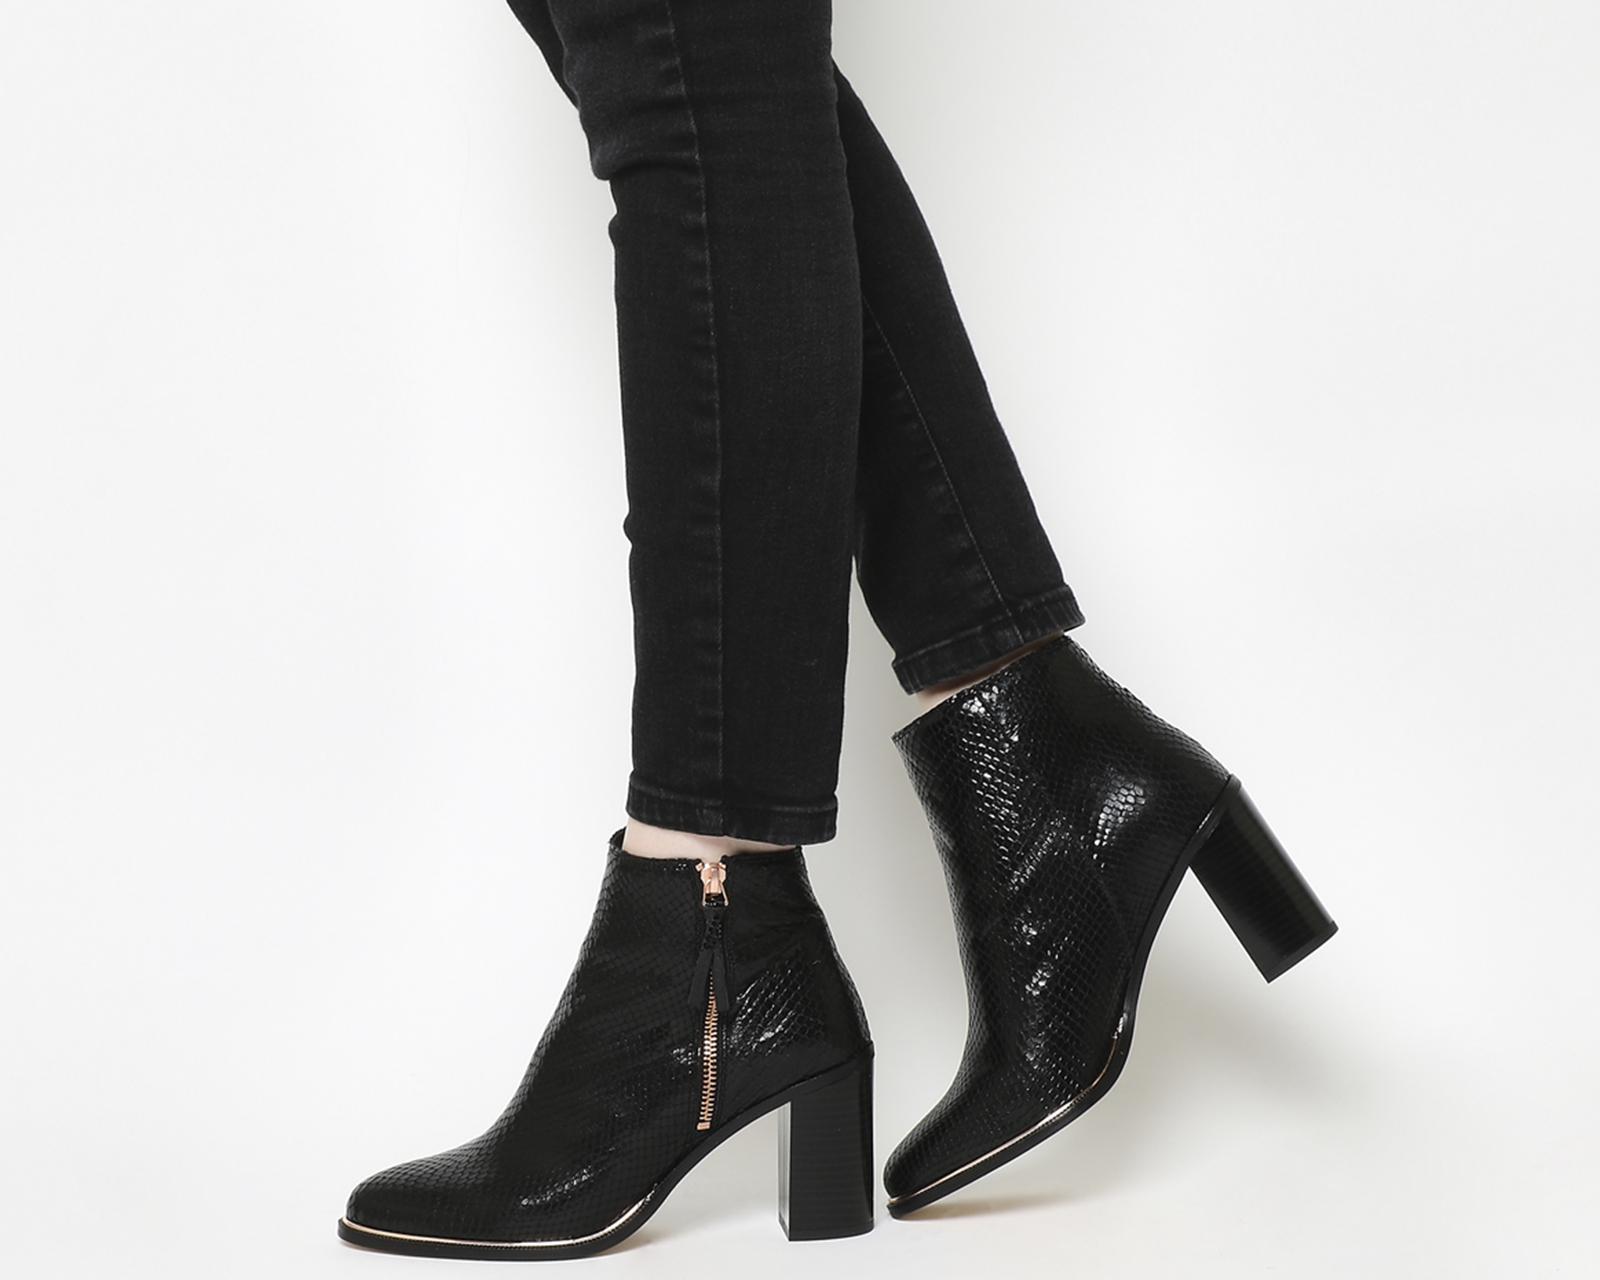 eadff3ff2b9 Office Ava Side Zip Heel Boots in Black - Lyst